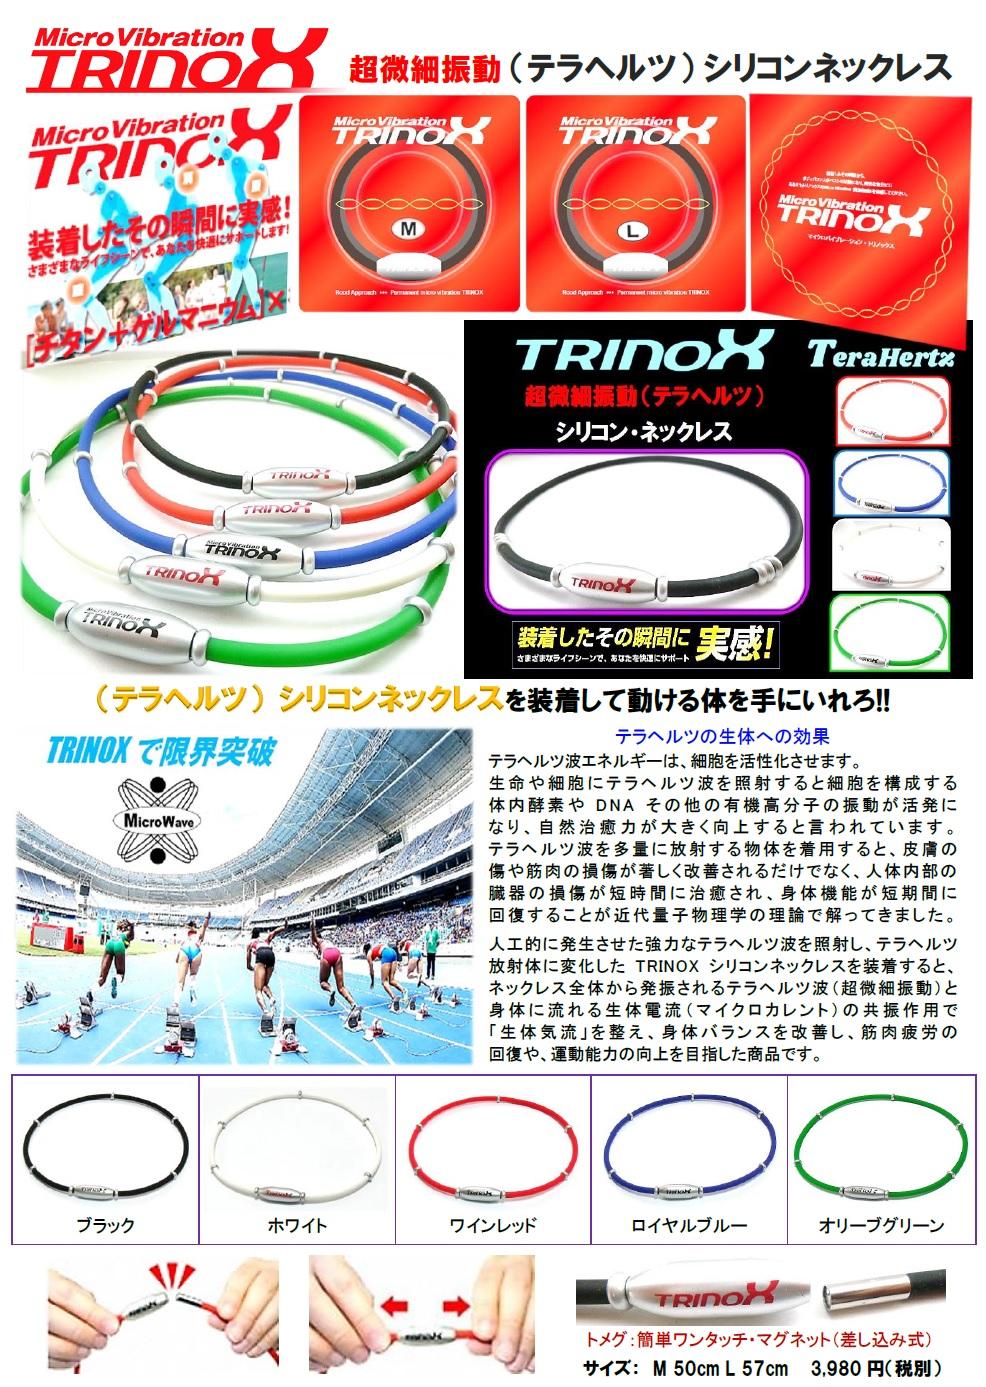 TRINOX 超微細振動(テラヘルツ)シリコンネックレス2